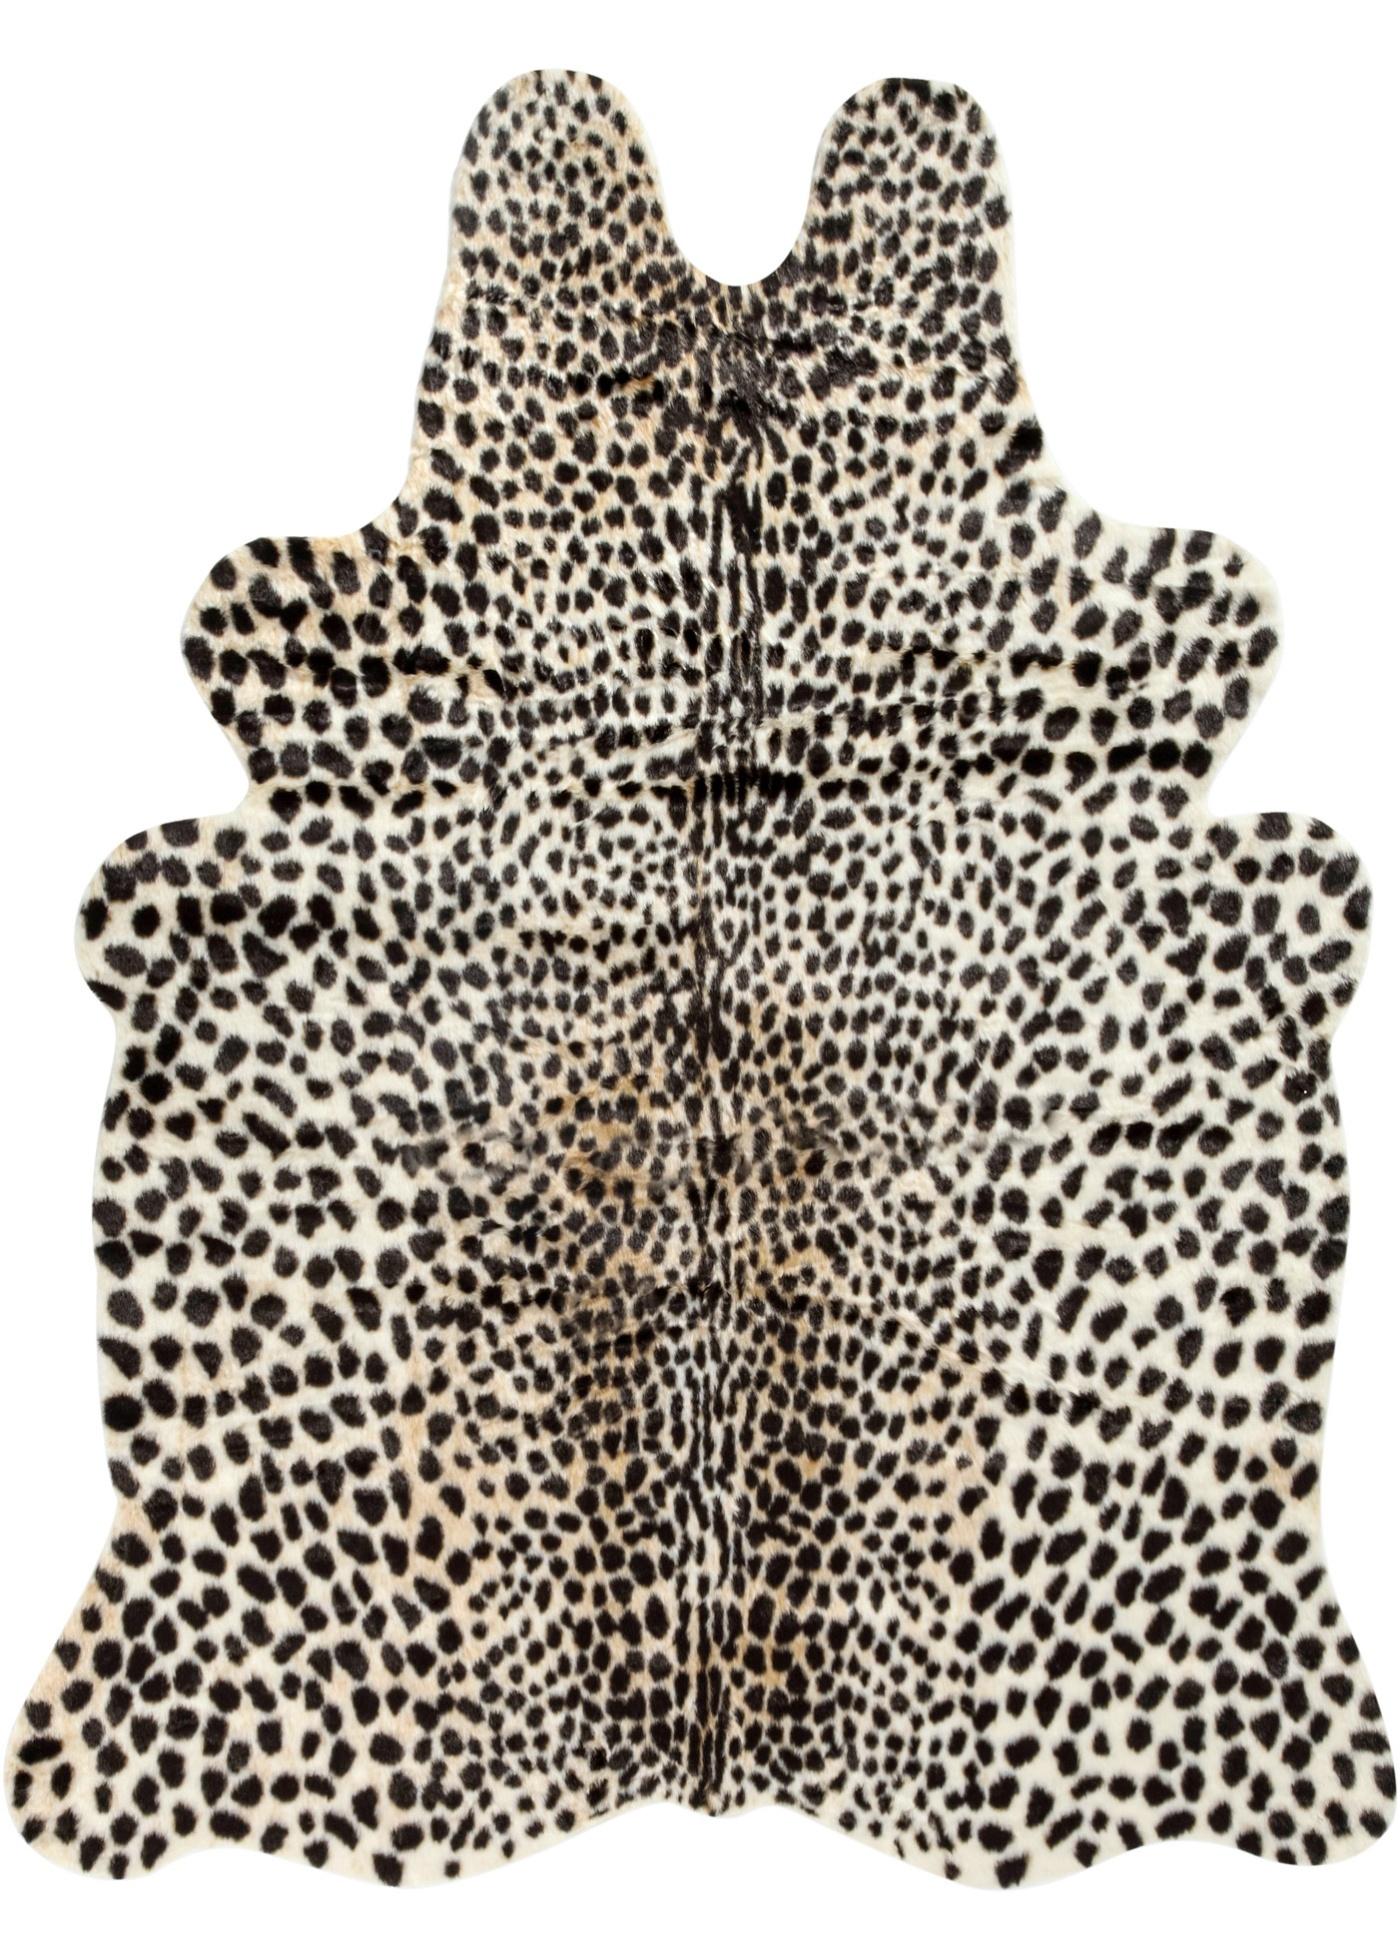 Peau de léopard synthétique